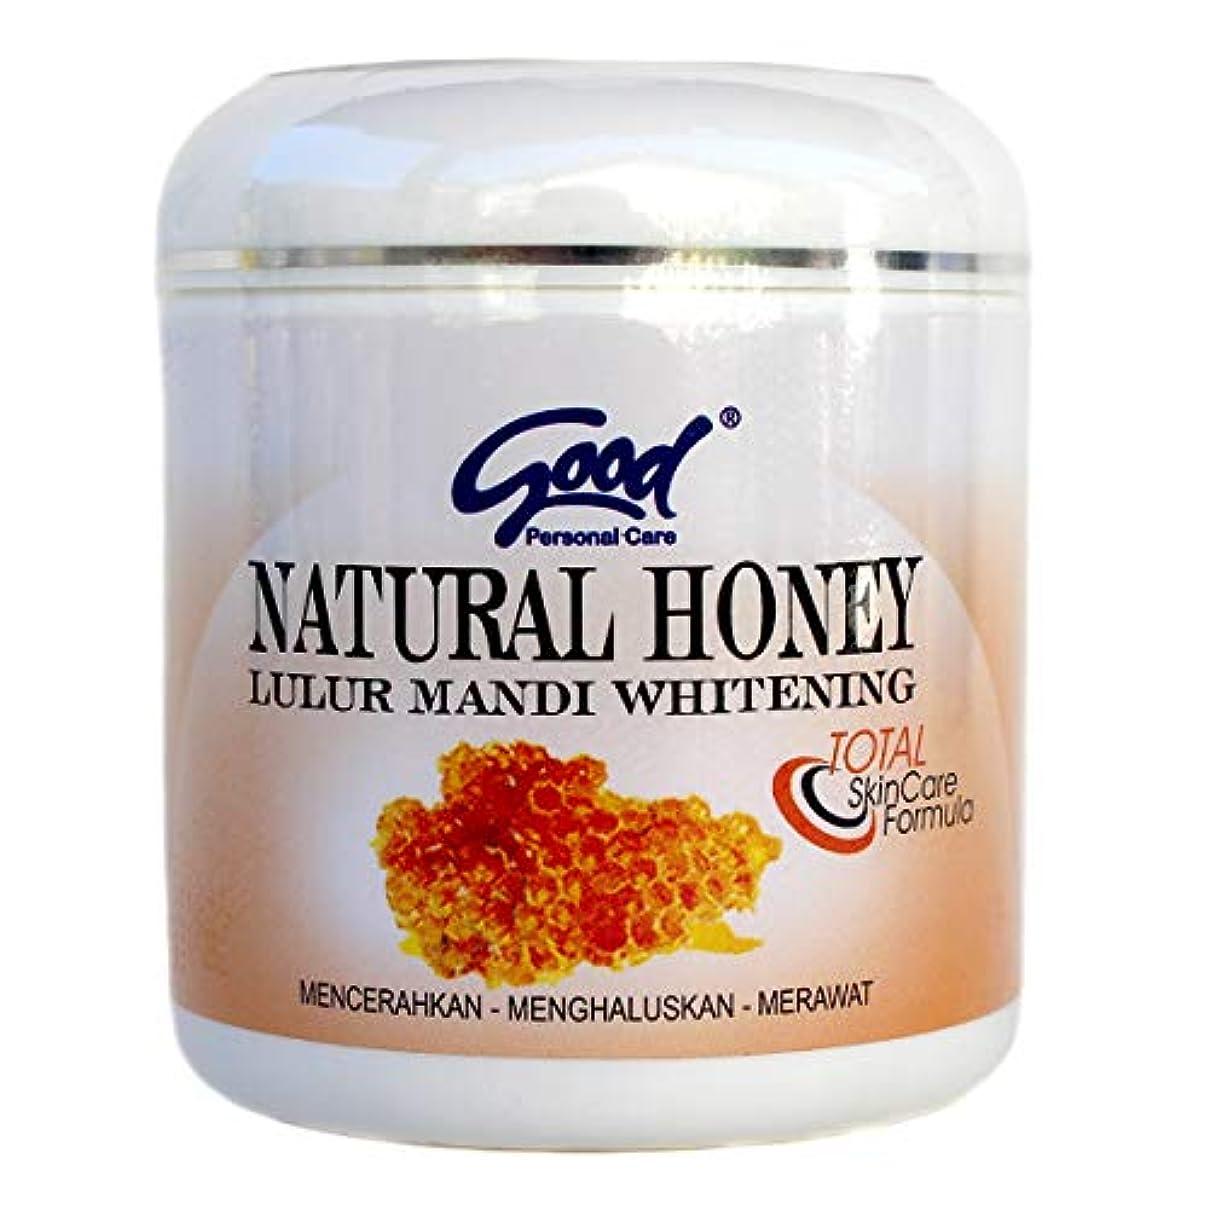 アリメンバー含意good グッド インドネシアバリ島の伝統的なボディスクラブ Lulur Mandi マンディルルール 200g Natural Honey ナチュラルハニー [海外直送品]